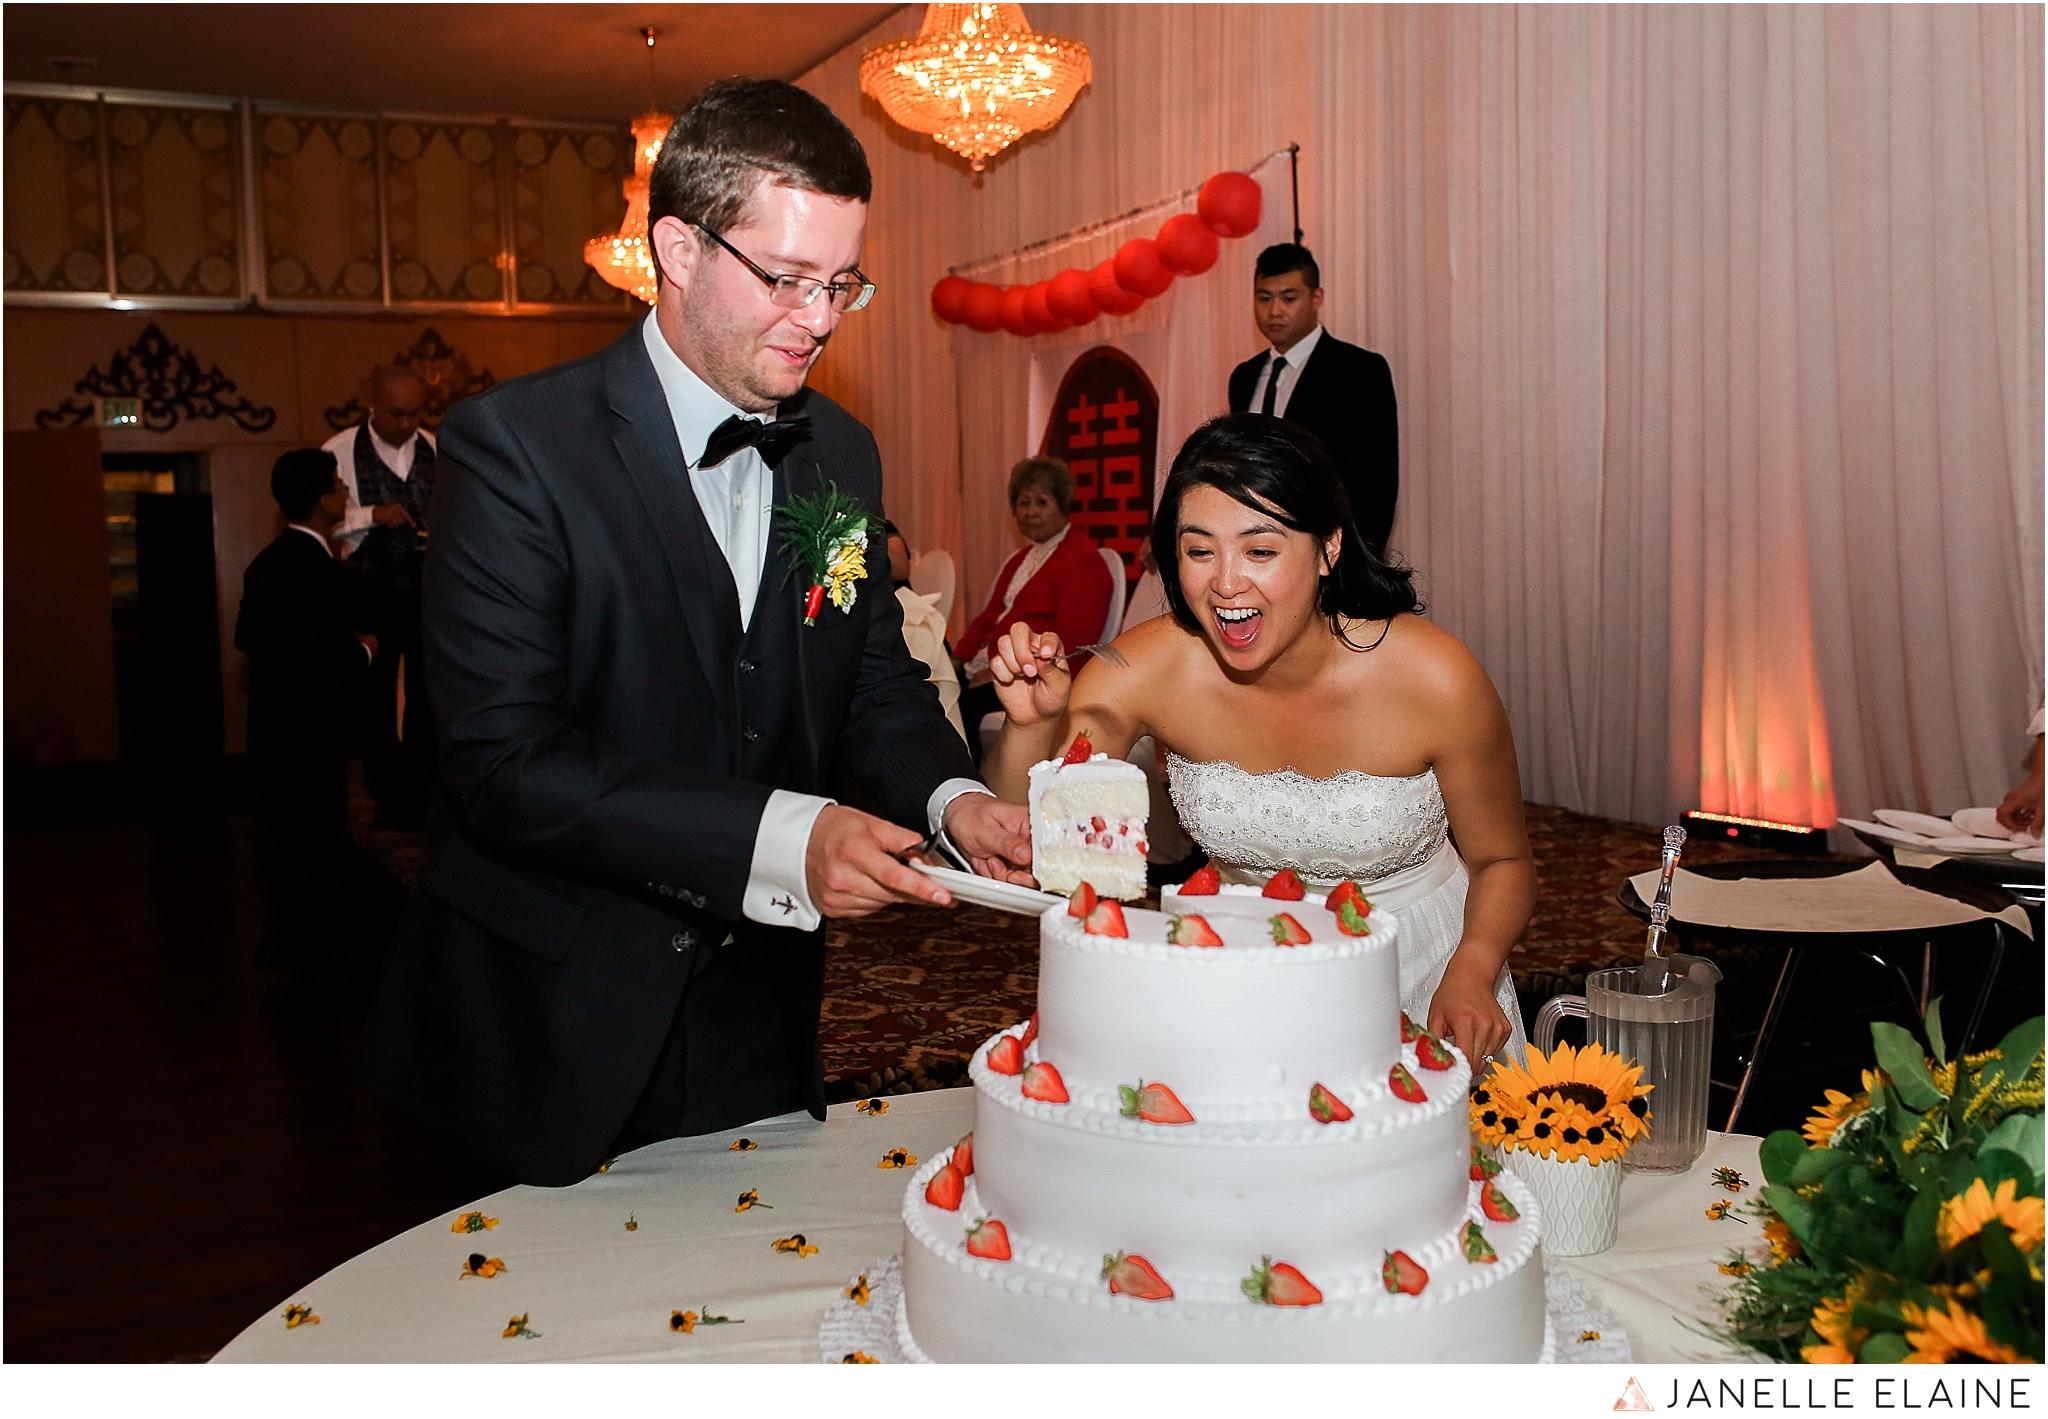 janelle elaine photography-professional wedding photographer seattle--192.jpg